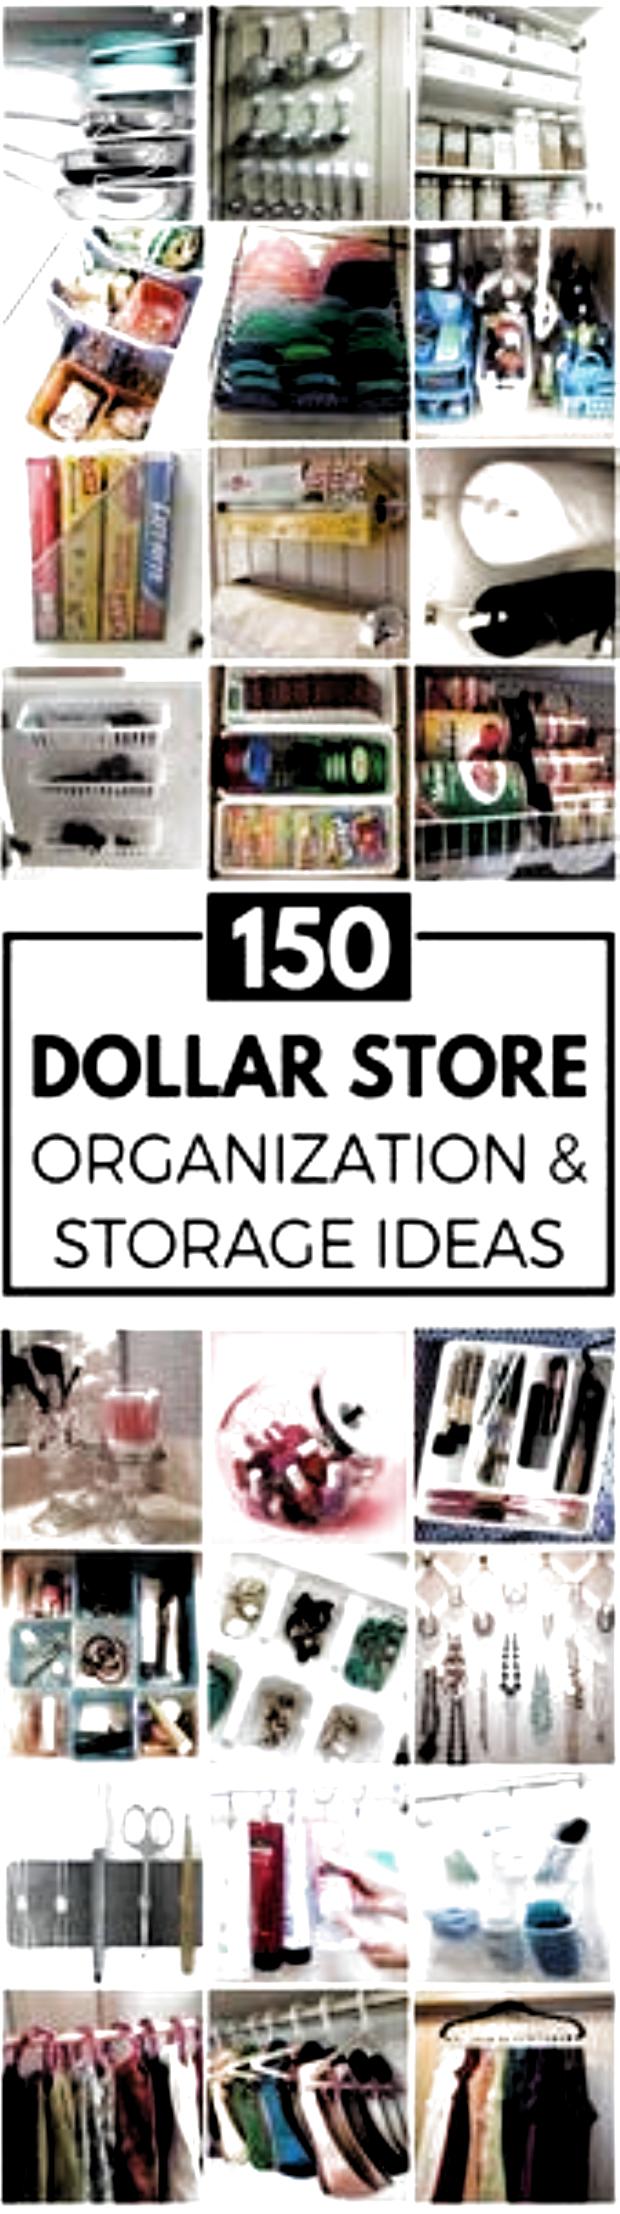 Photo of 54 Ideas Bathroom Organization Diy Organizing Ideas Storage Dollar Stores,   sma…